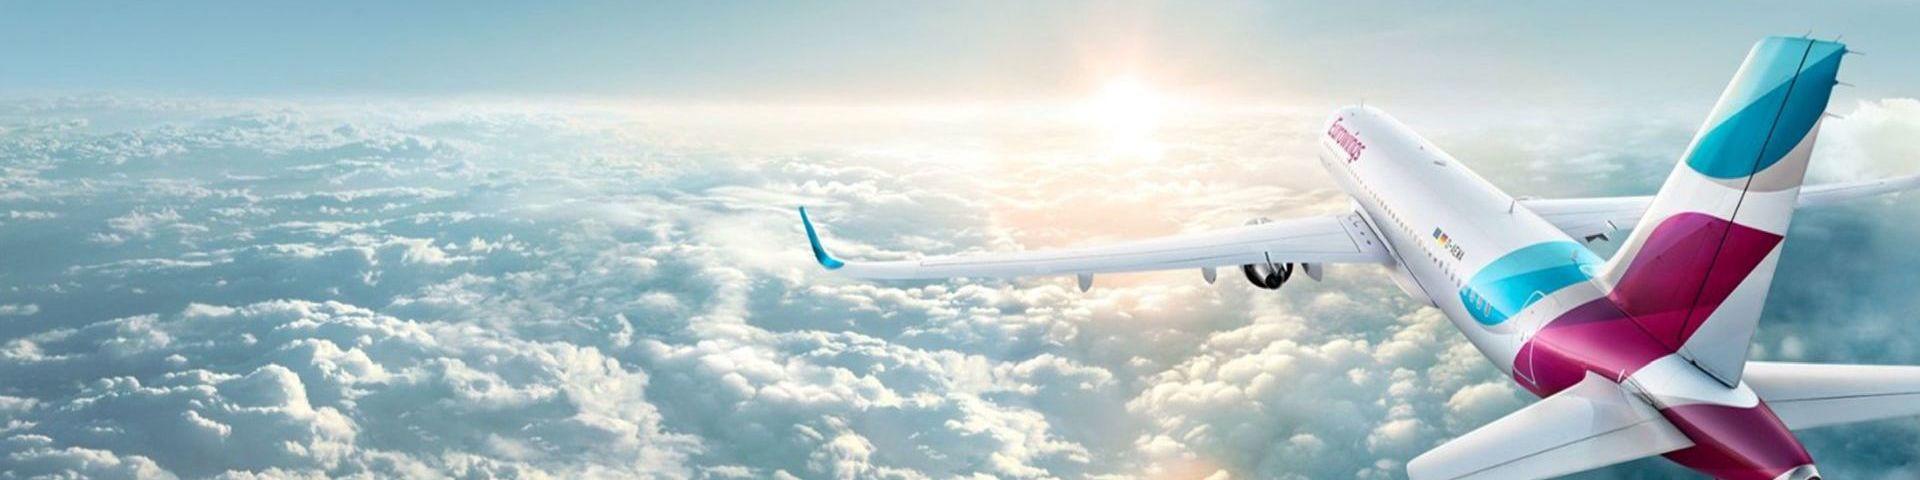 Wir fliegen Sie nach Hause